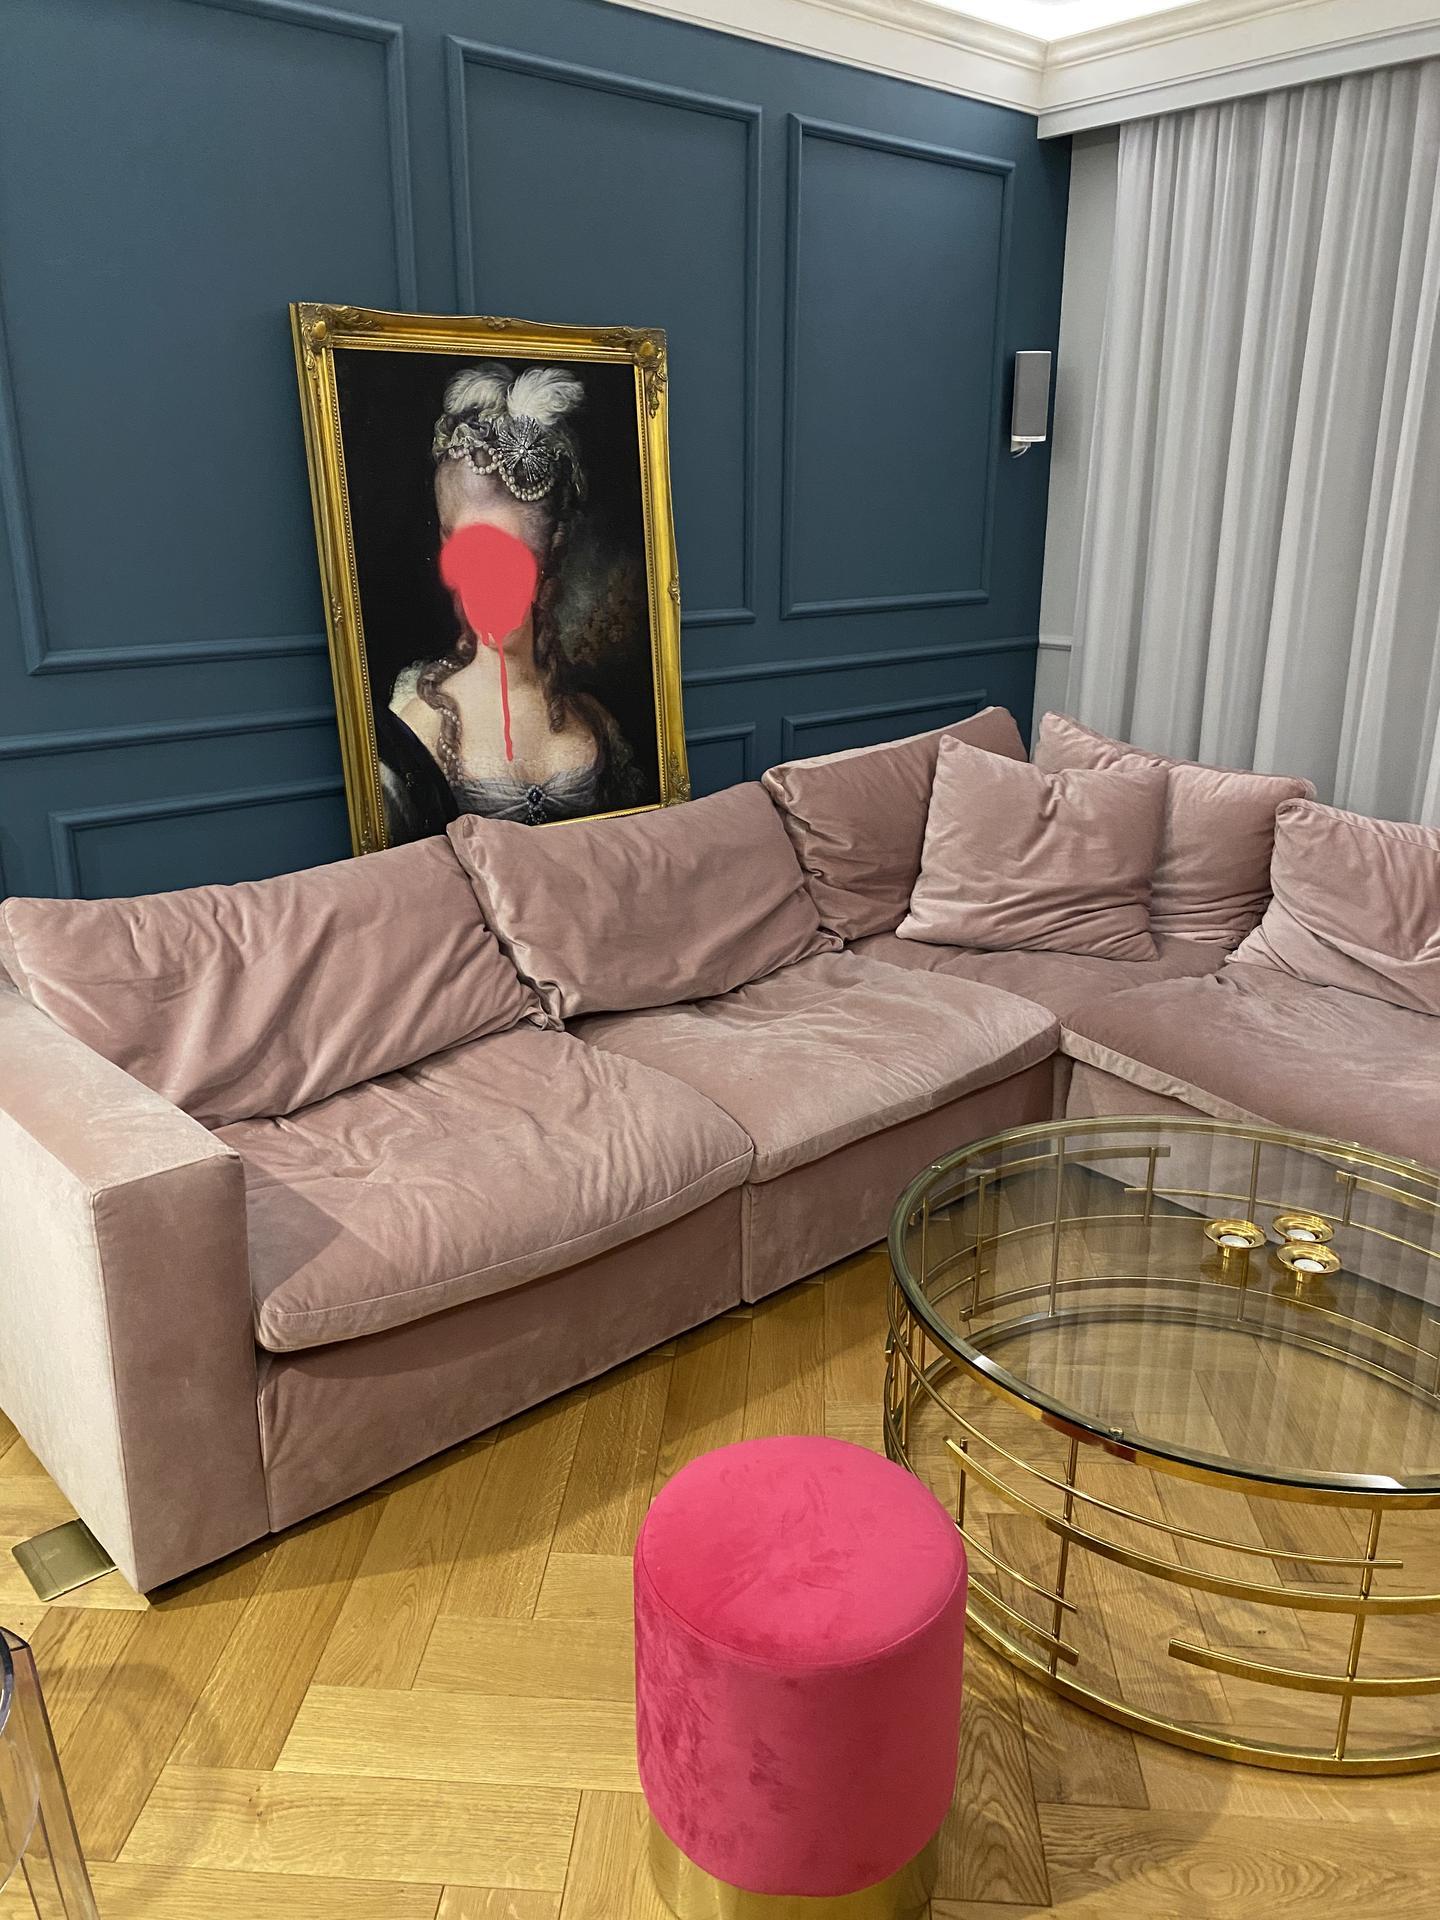 Heslo: Extravagancia & Luxus ❤️ - Za mňa šperk našej obývačky... unikát❤️❤️❤️❤️